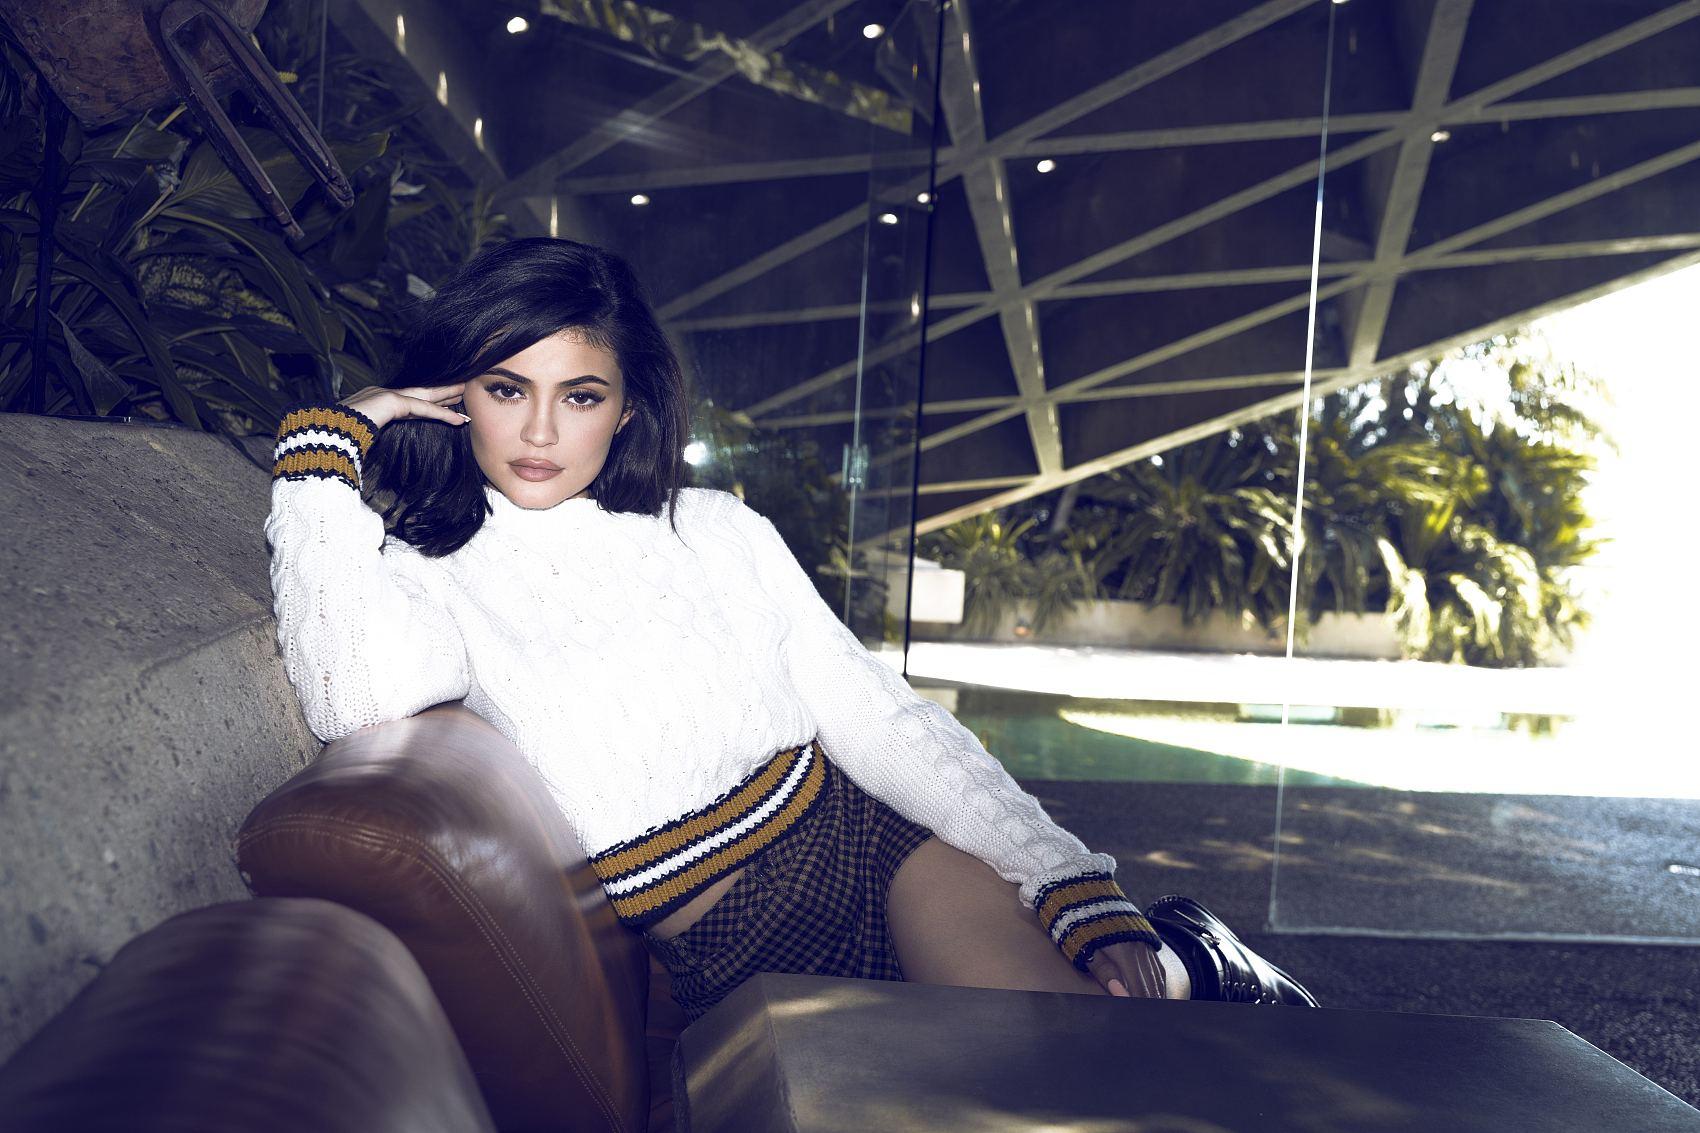 """有史以来最年轻的《福布斯》""""白手起家""""富豪:年仅21岁的美国社交红人 Kylie Jenner"""